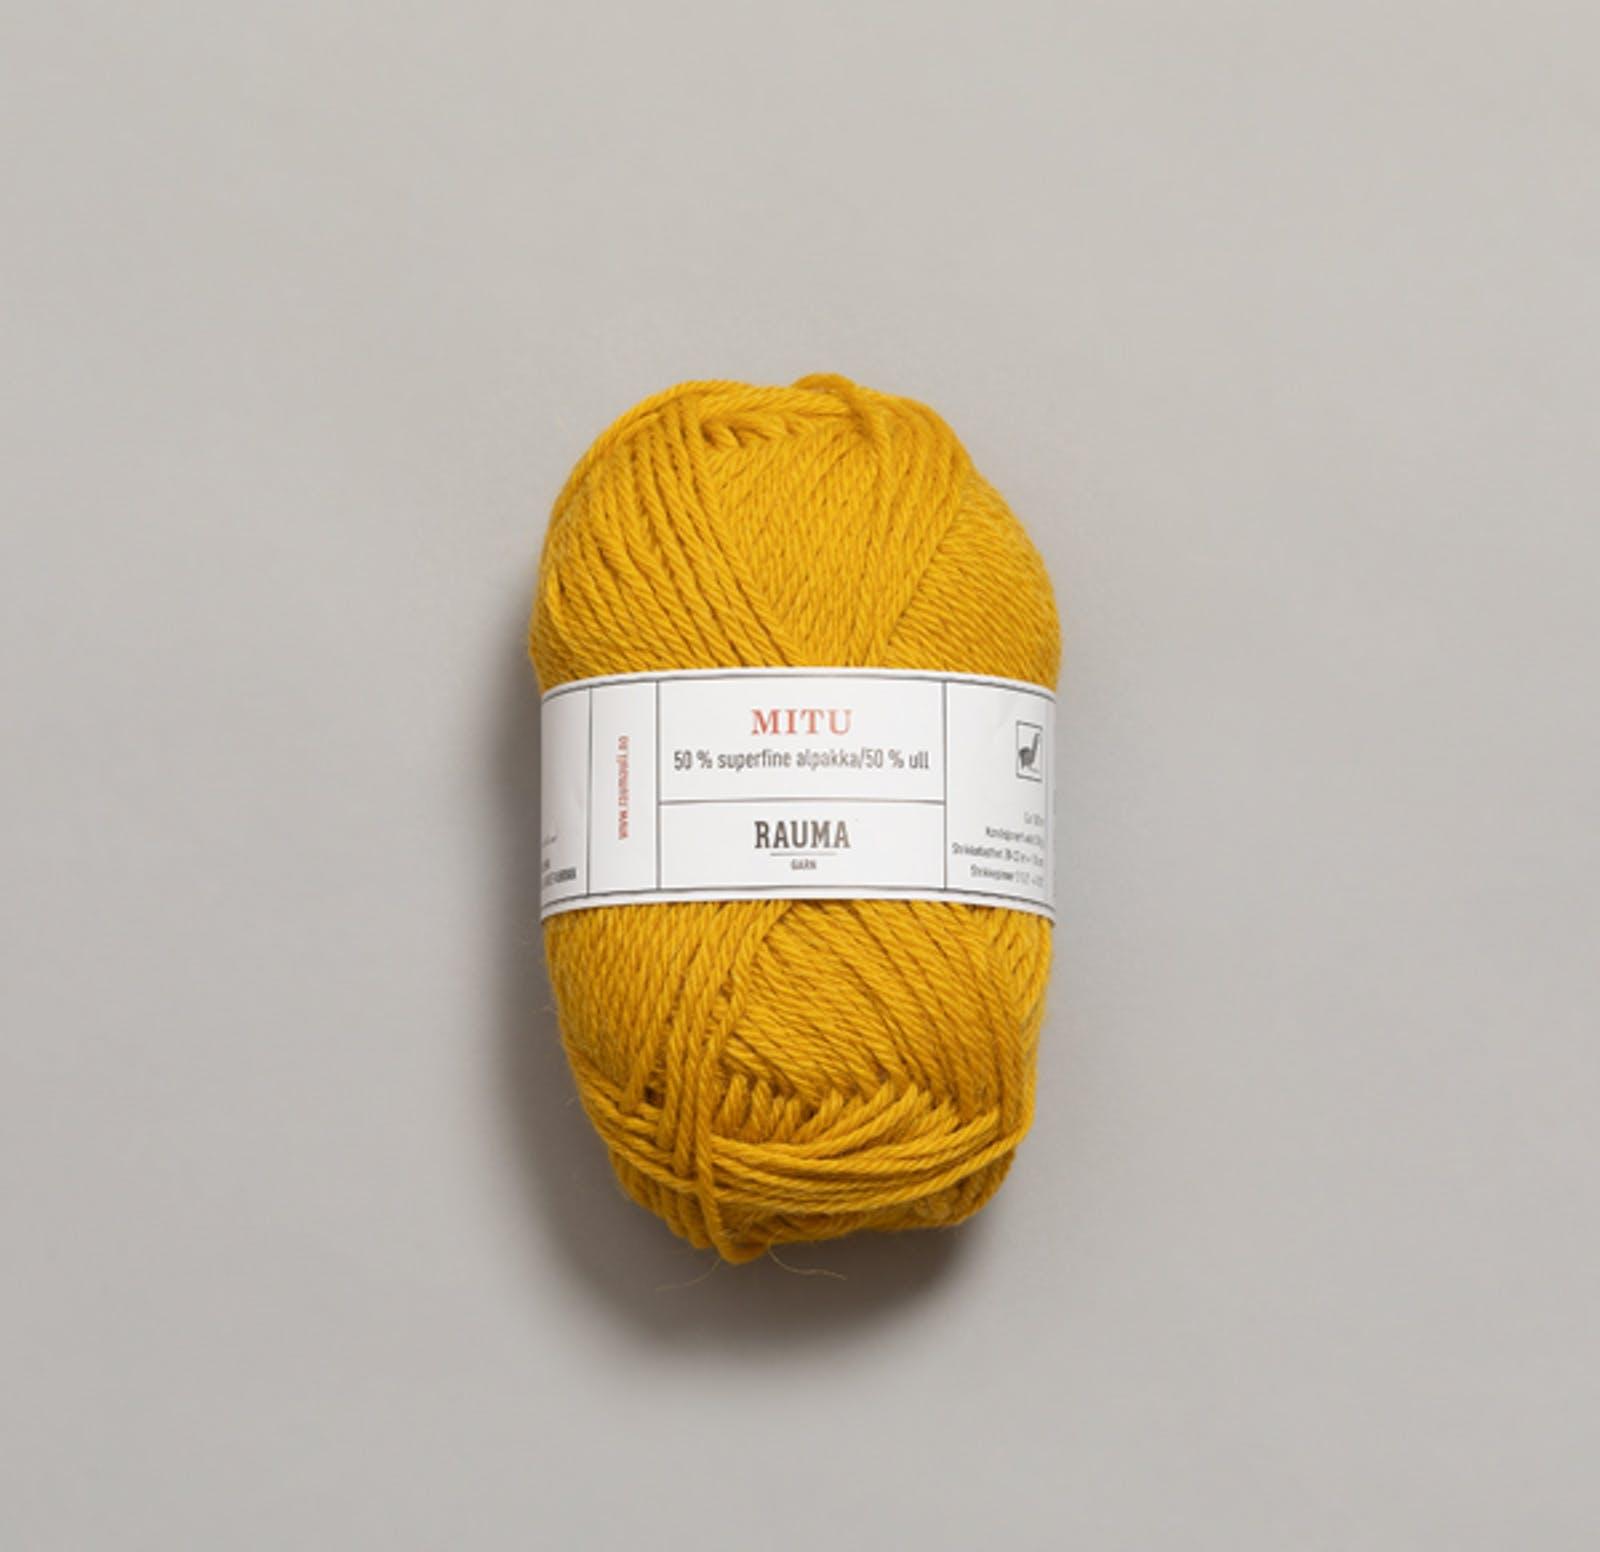 0052 Varm gul - MITU